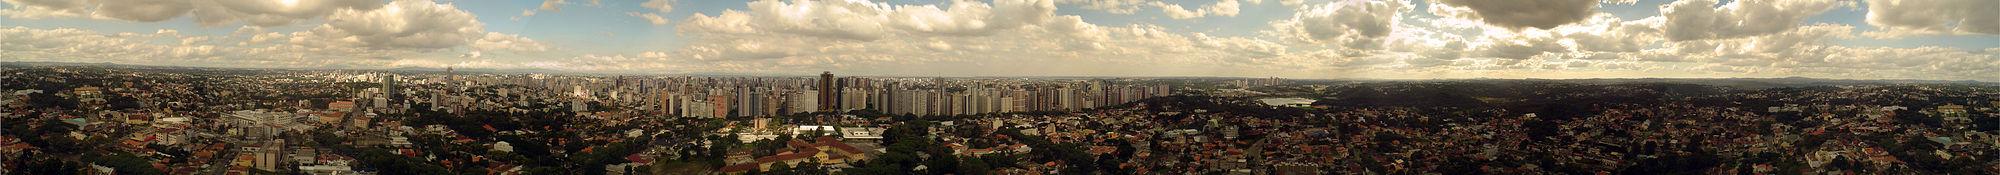 Vista panorâmica de Curitiba.